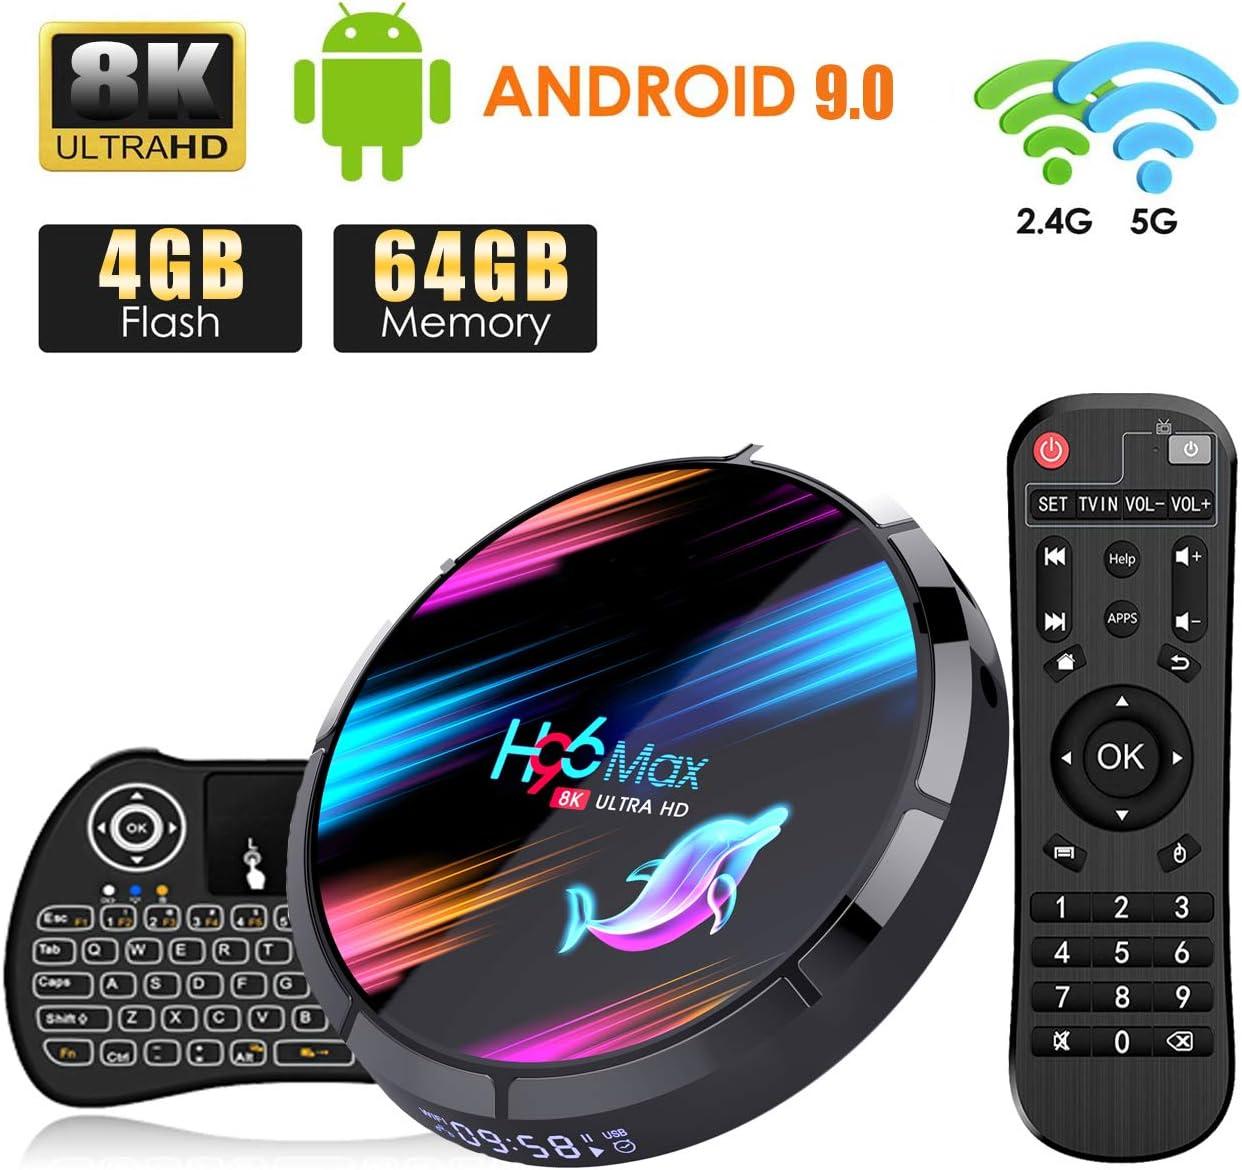 Android TV Box, H96 MAX Android 9.0 TV Box 【4GB+64GB】 con Mini Teclado Amlogic S905X3 64-bit Quad Core con Dual-WiFi 2.4GHz/5GHz, 8K*4K UHD H.265, USB 3.0, BT 4.0 Smart TV Box: Amazon.es: